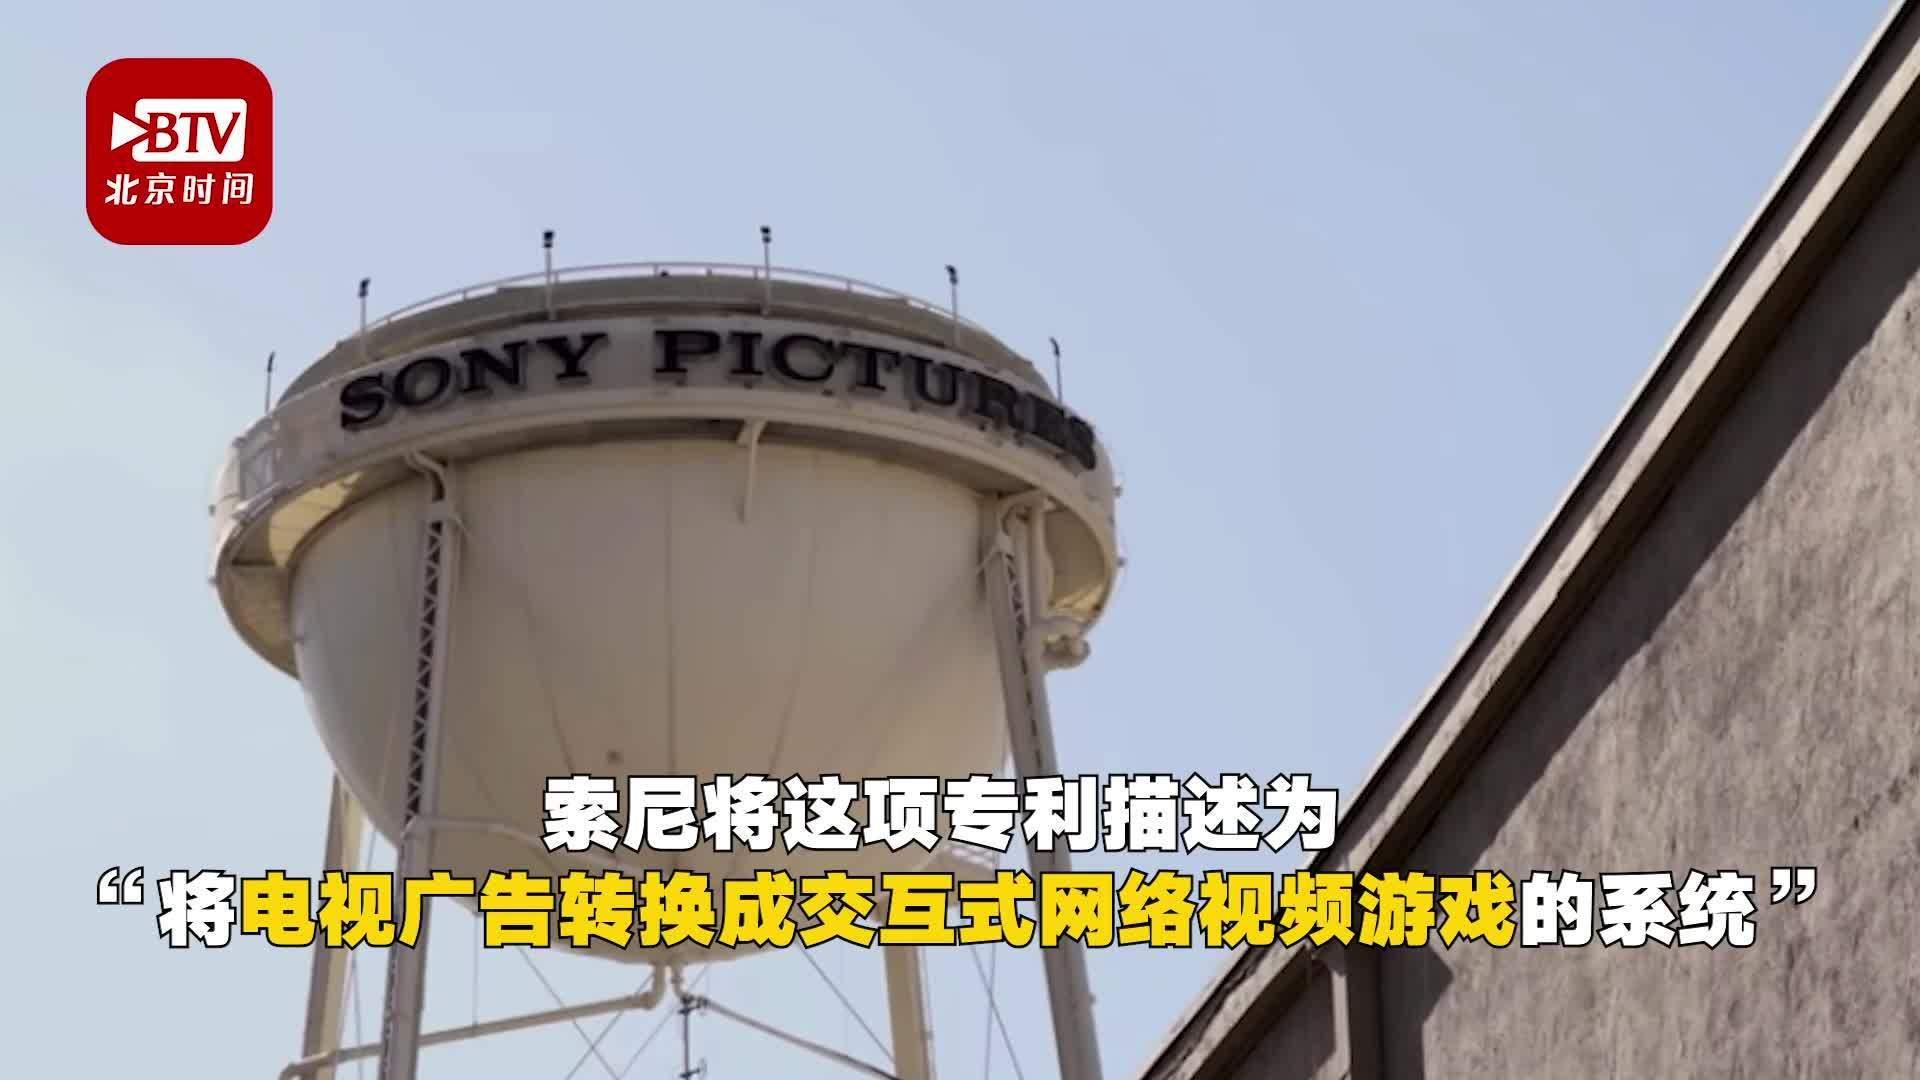 颠覆广告业?#索尼新专利能把广告喊过去# 国内厂商会跟进吗?